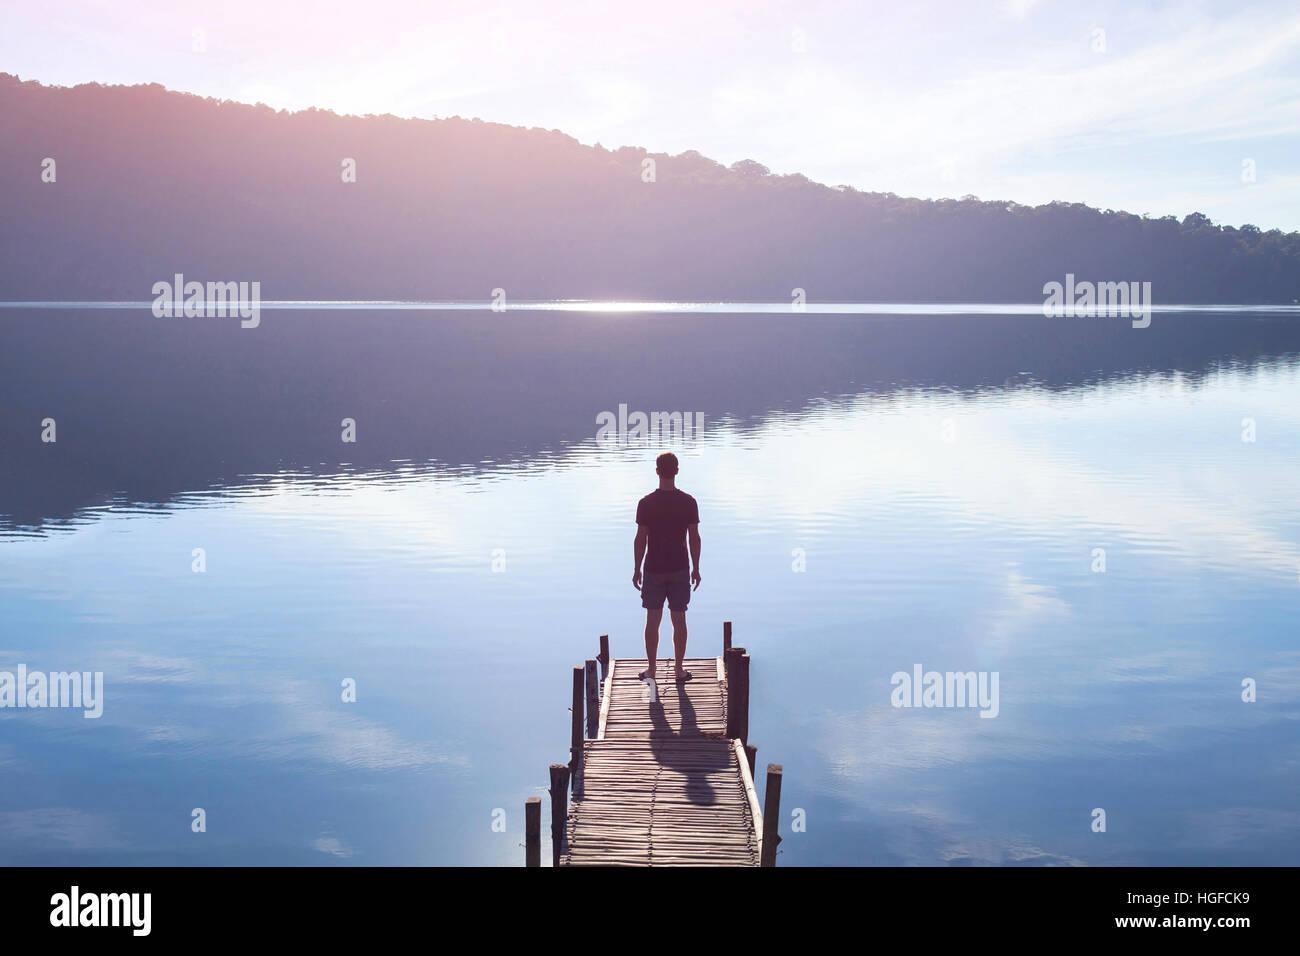 Rêveur, silhouette d'homme debout sur la jetée en bois le lac au coucher du soleil, la force humaine, Photo Stock